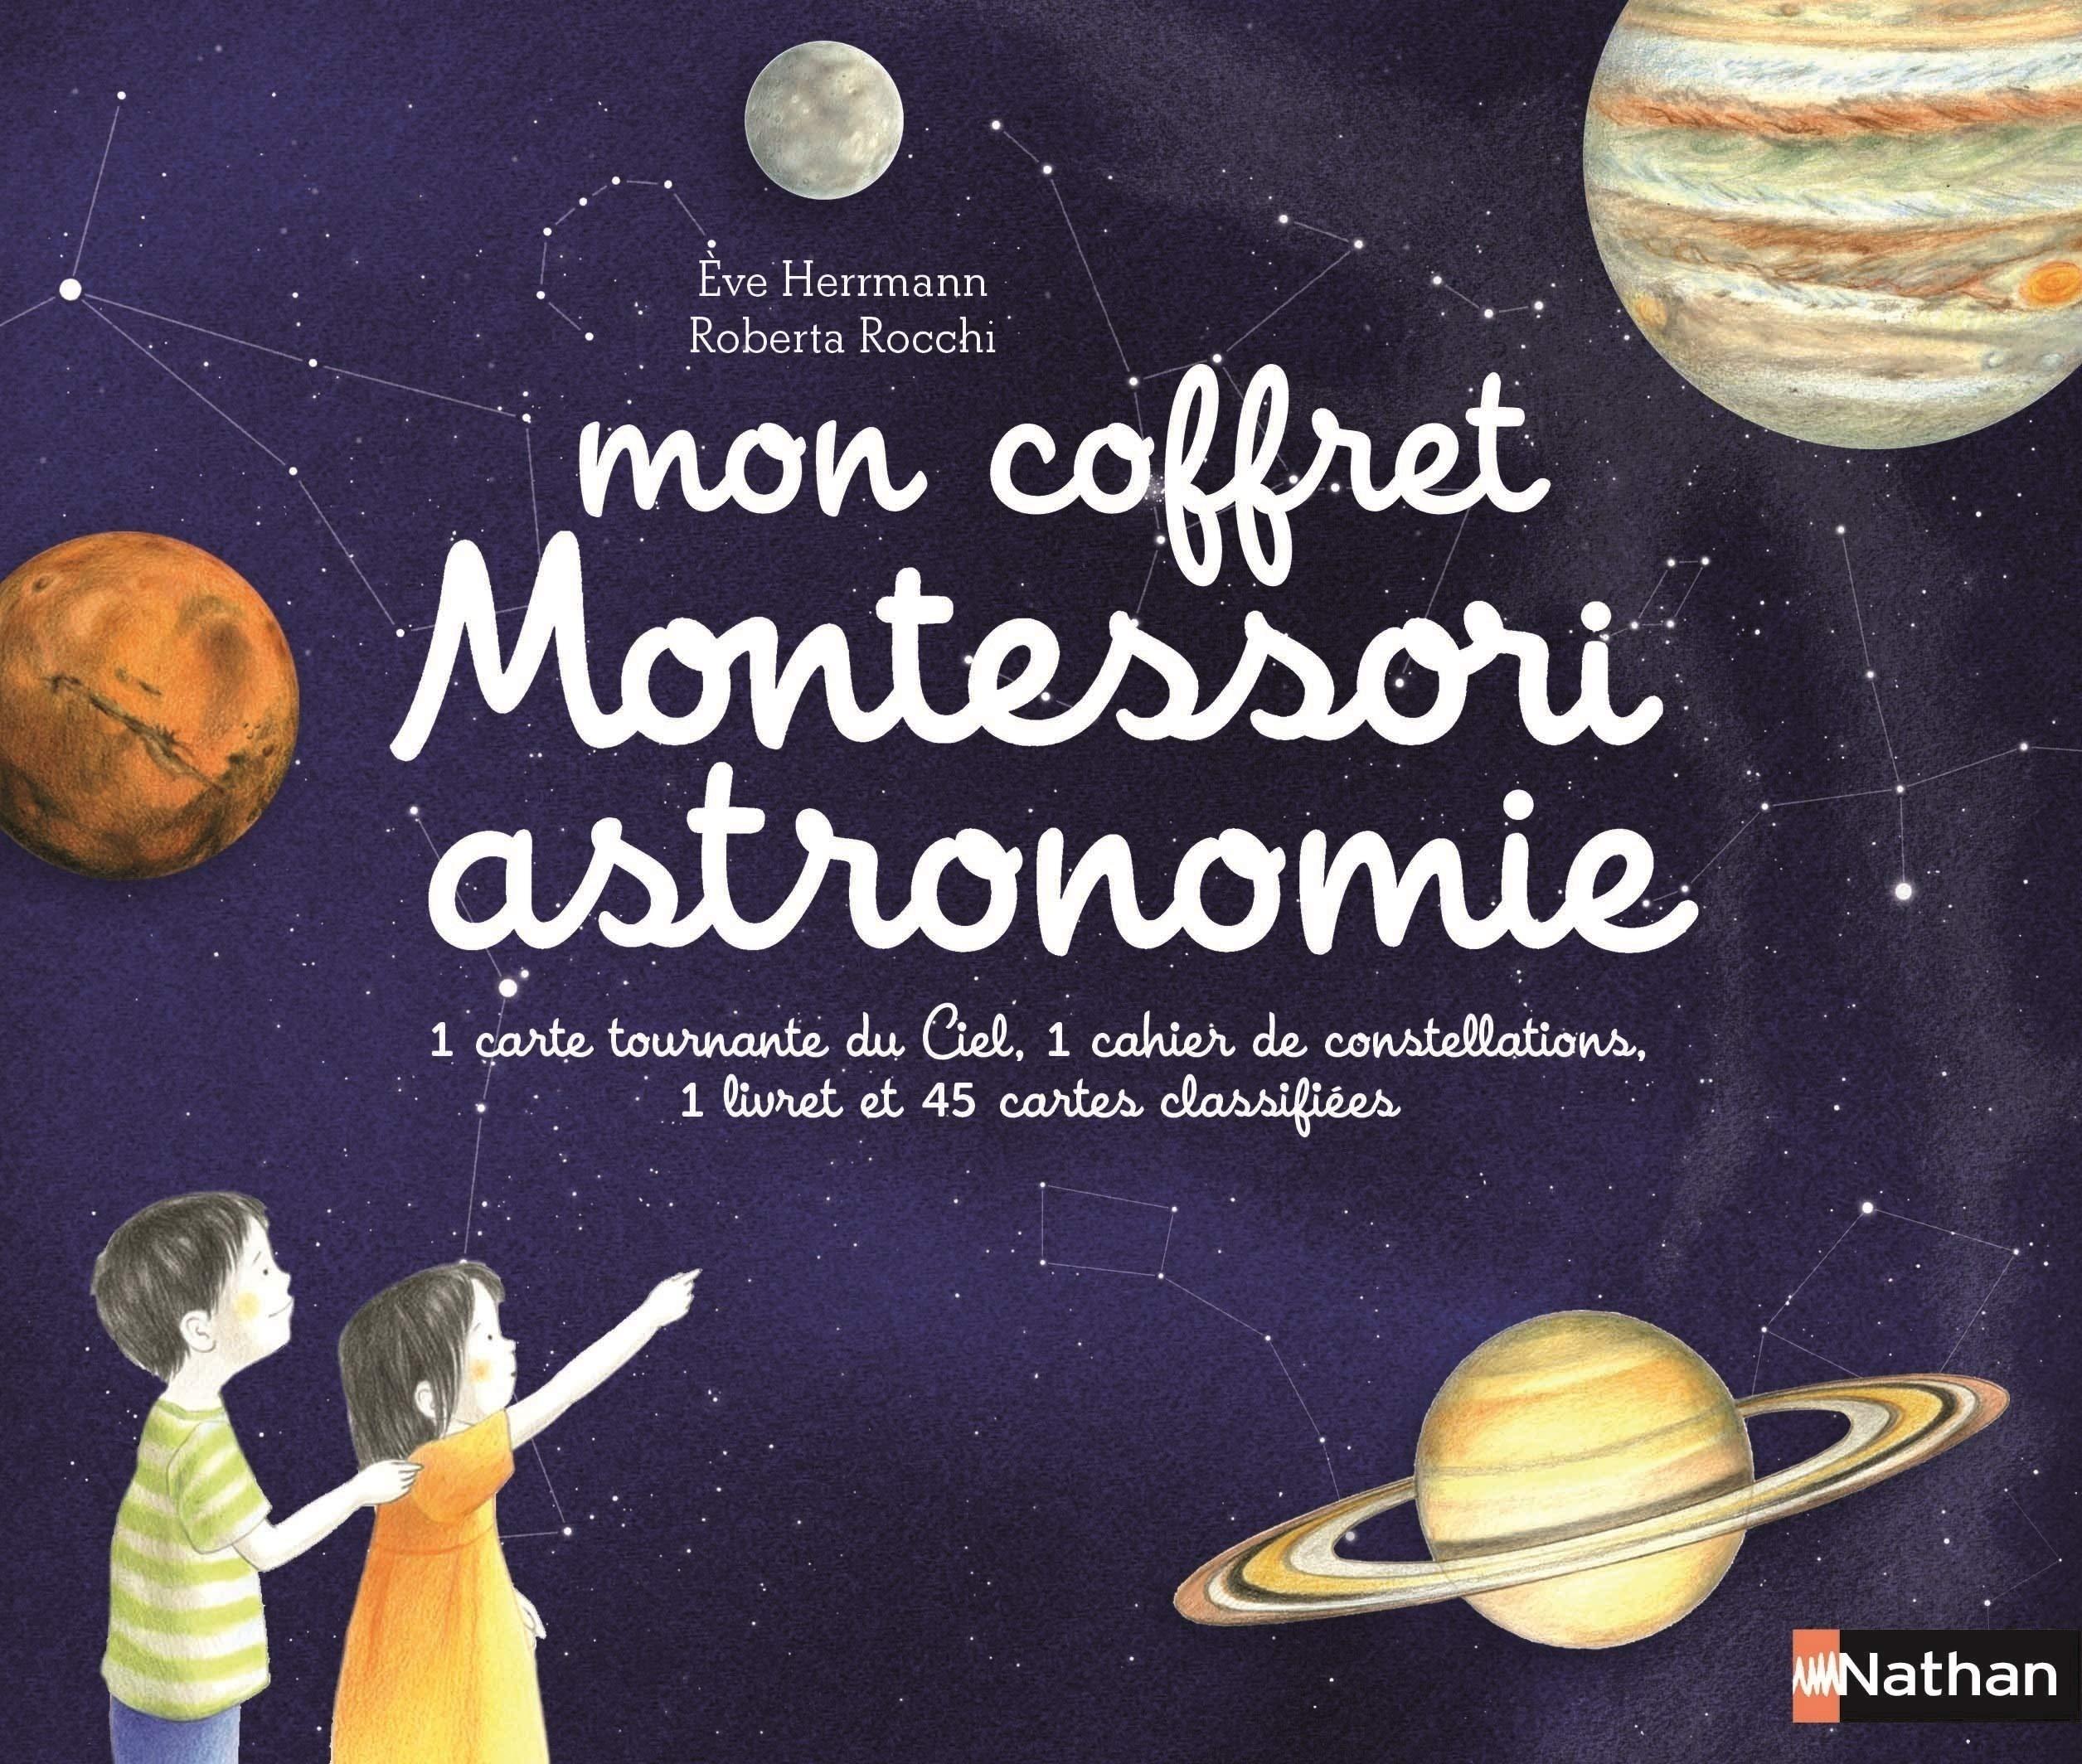 Mon coffret Montessori astronomie - Dès 5 ans por Eve Herrmann